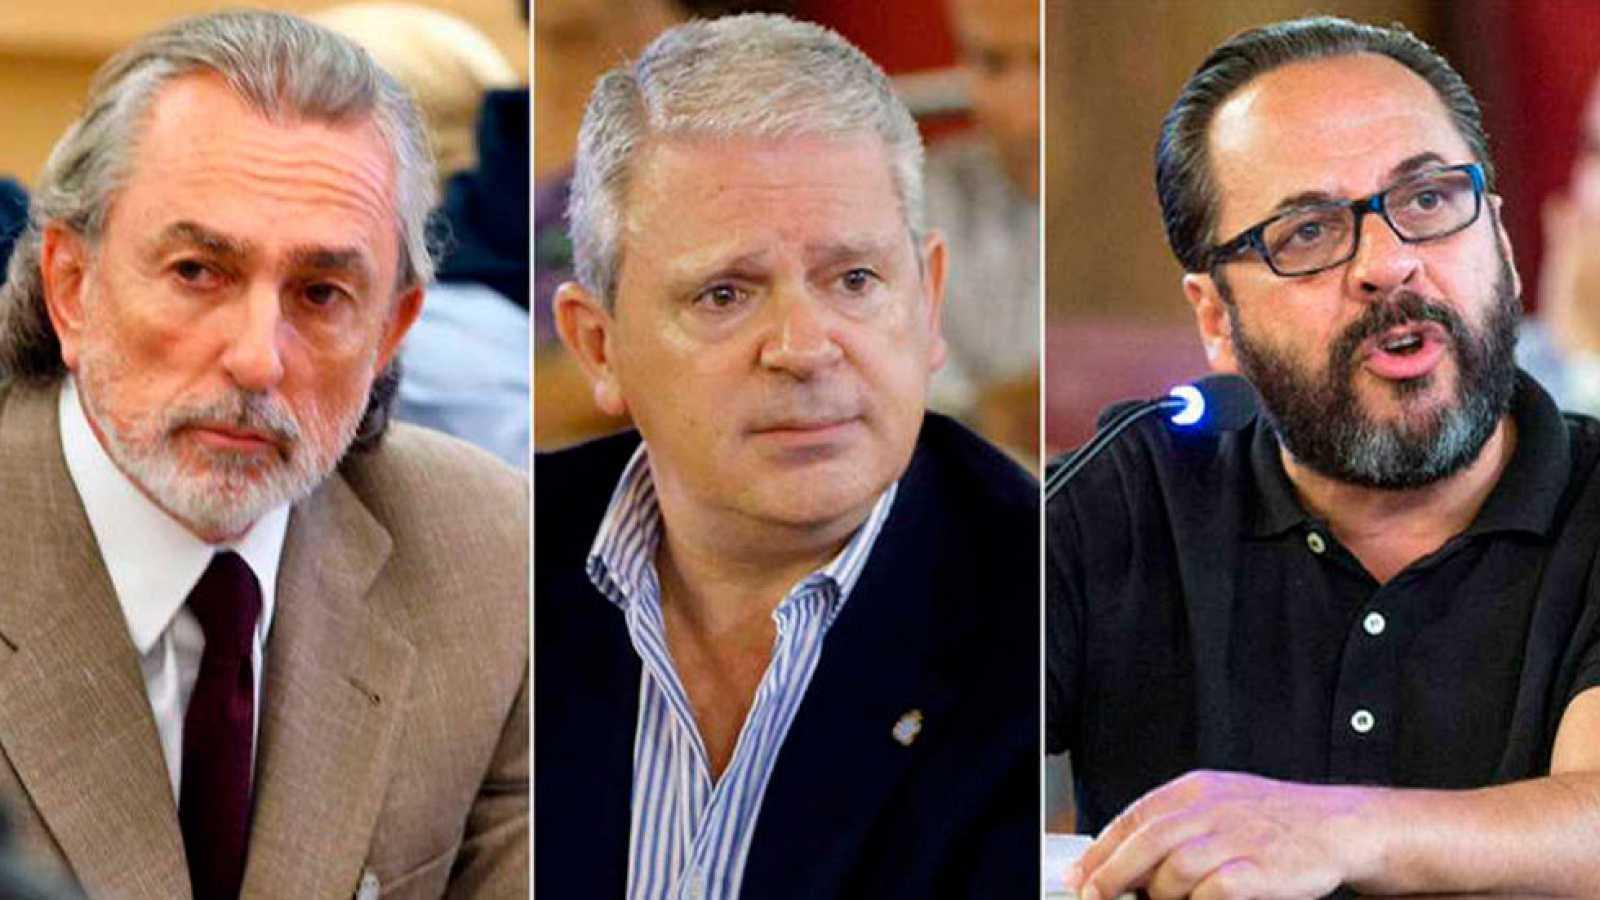 Condenas de entre 6 y 15 años de cárcel para Correa, Crespo y el 'Bigotes' por la visita del papa a Valencia